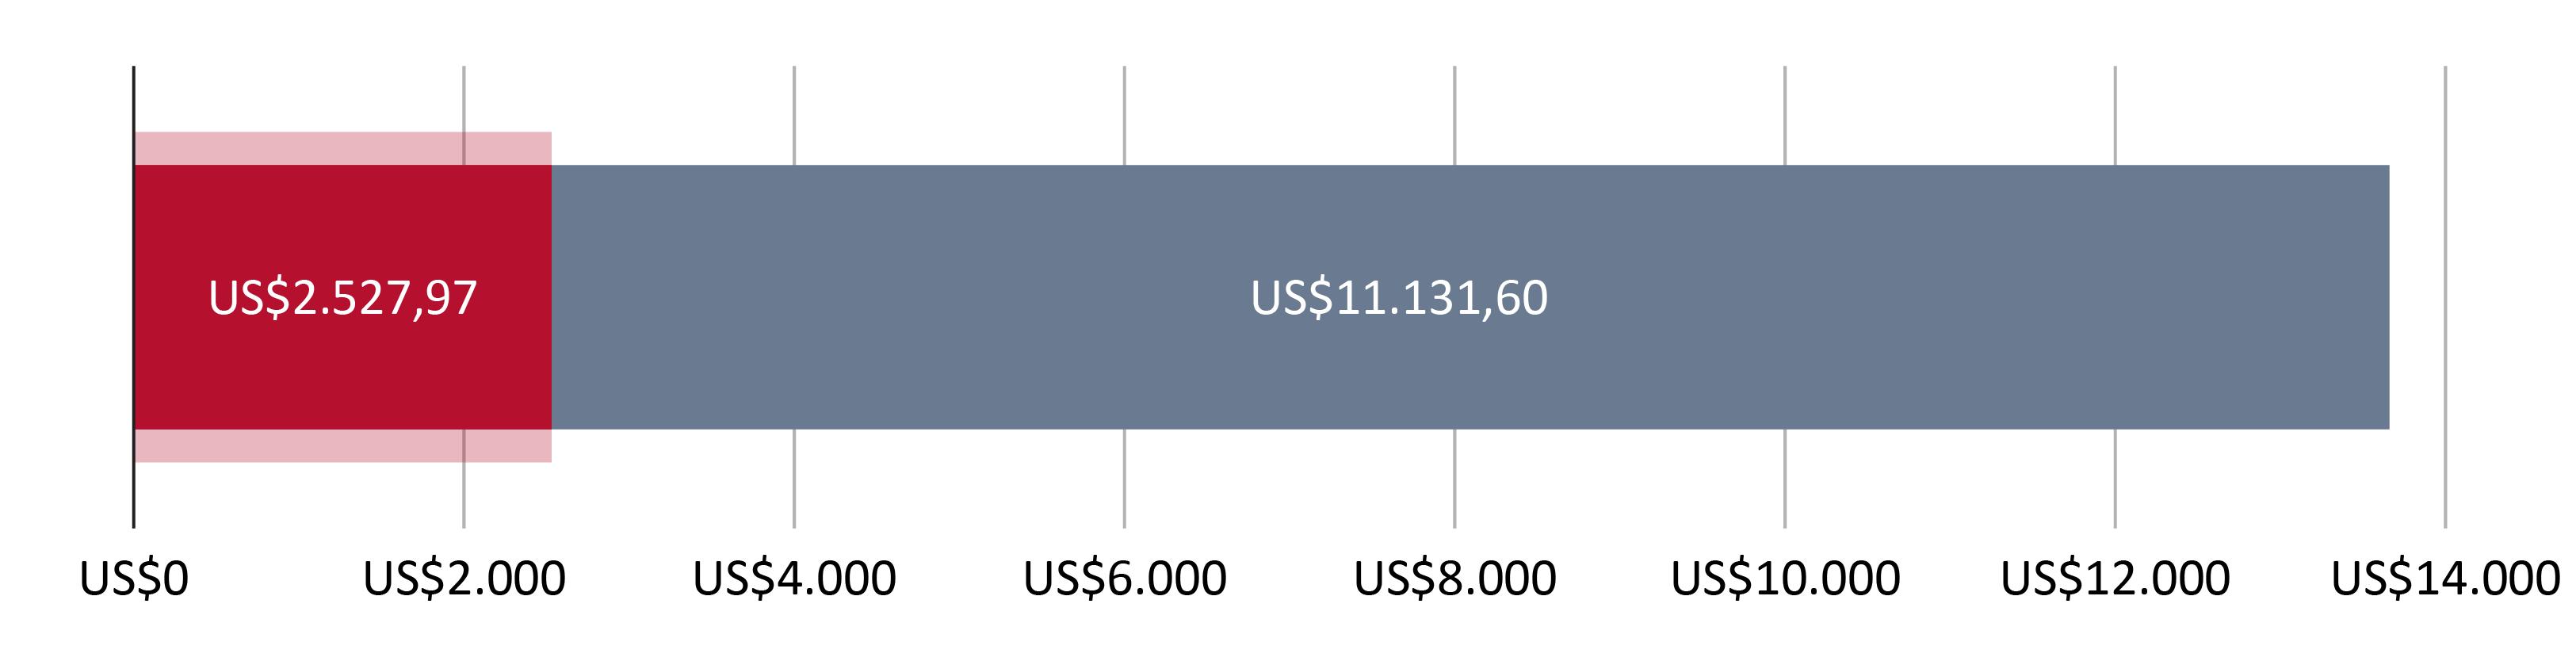 Digunakan US$2.527,97; tersisa US$11.131,60